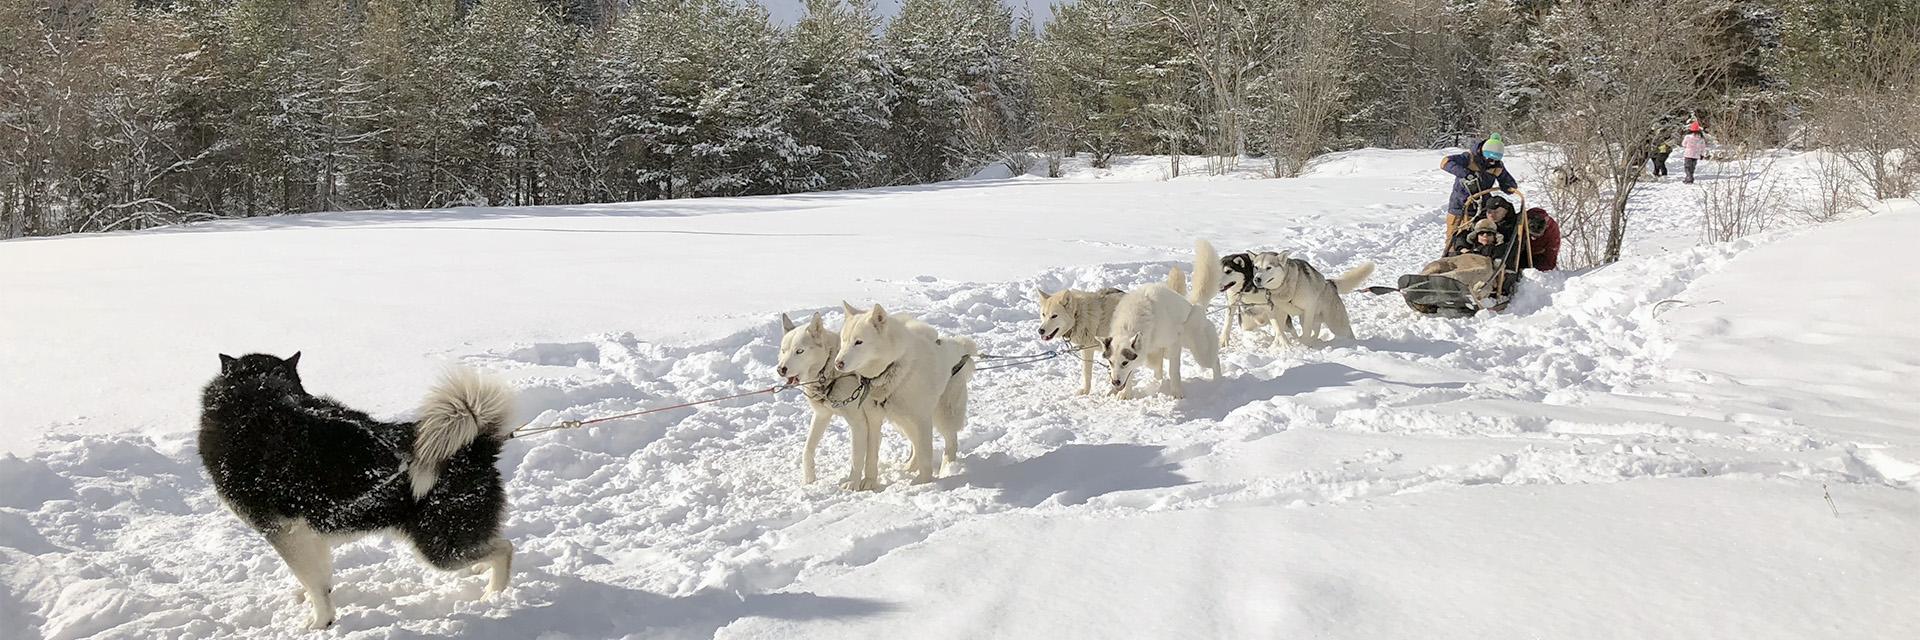 Village_club_vacances_alpes-de-haute-provence-azue-et-neige-hiver-classe-chien